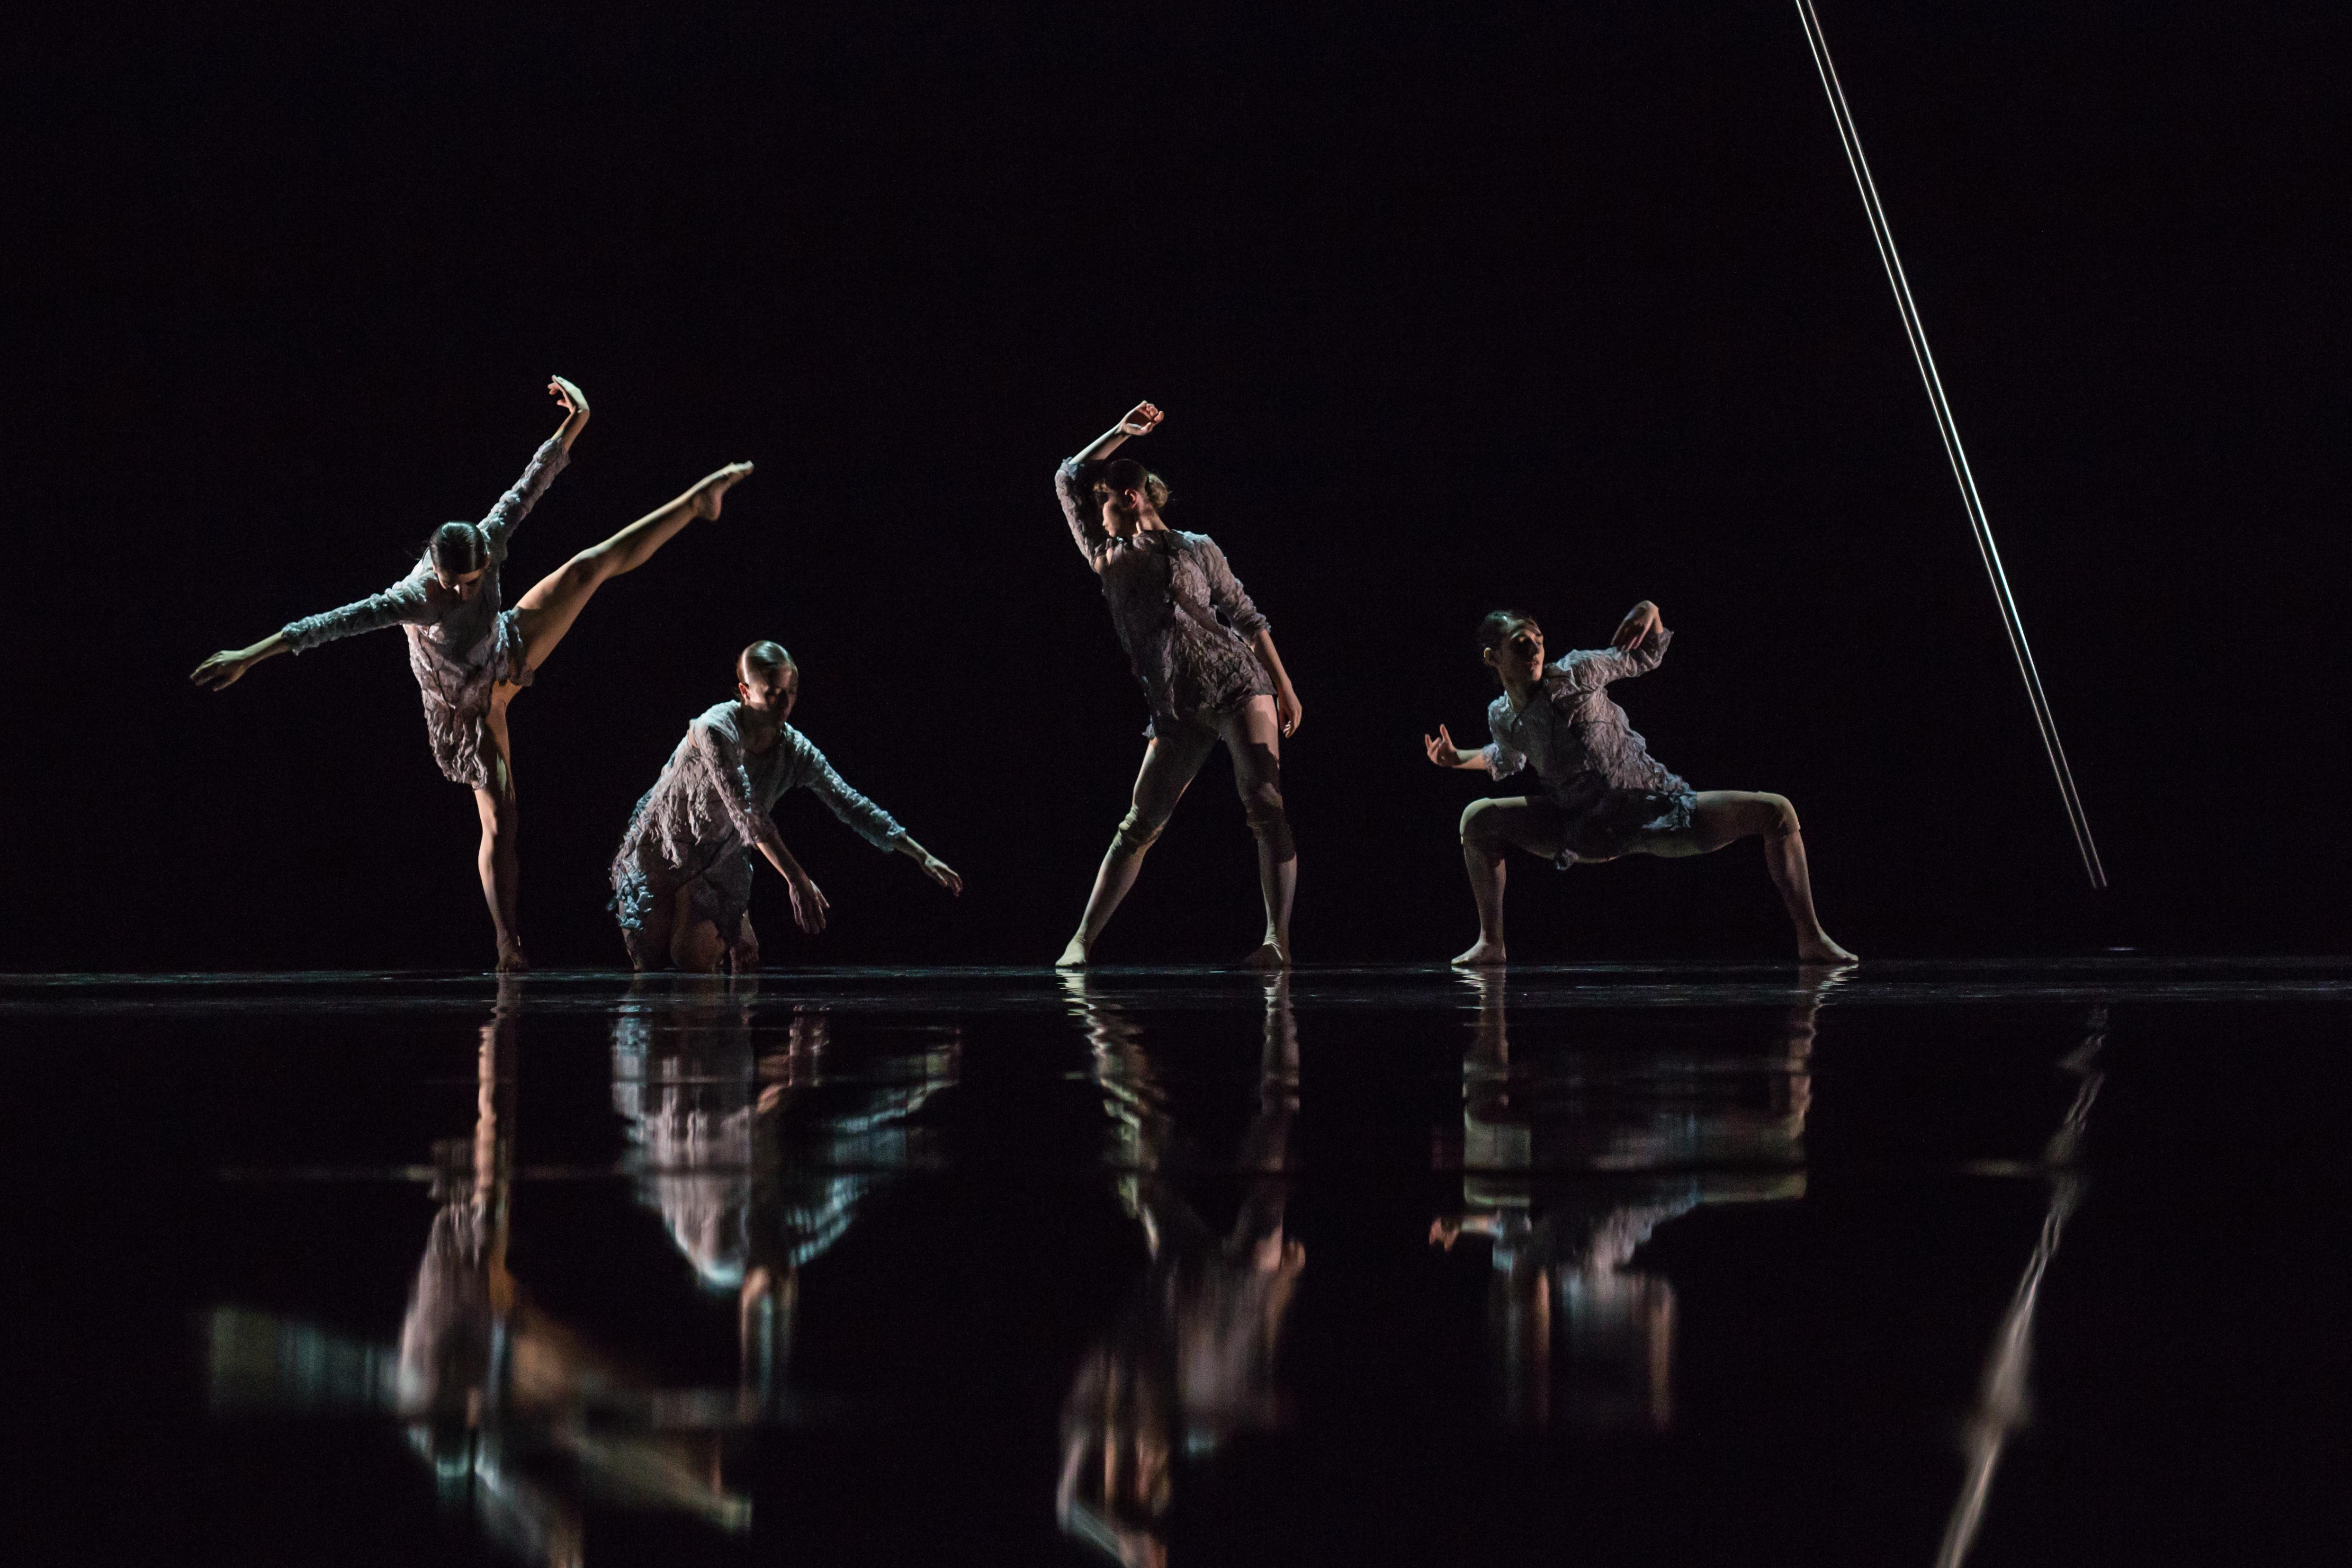 360˚ - dance